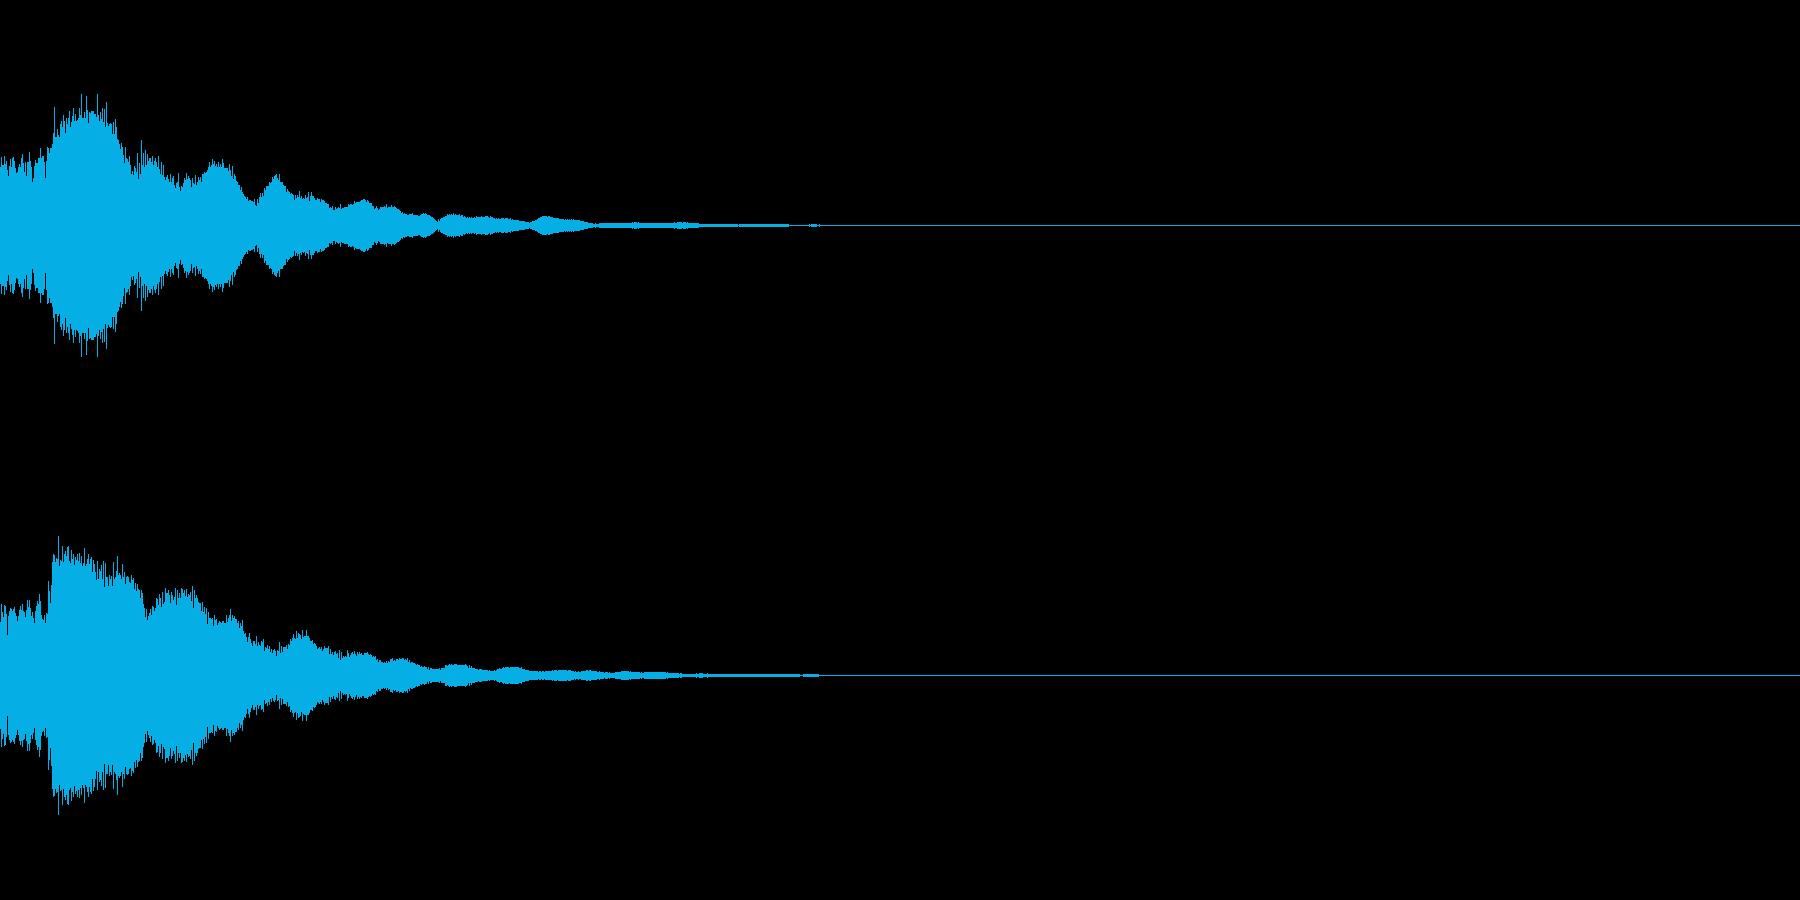 きれい系システム音 ティロン★(下がる)の再生済みの波形